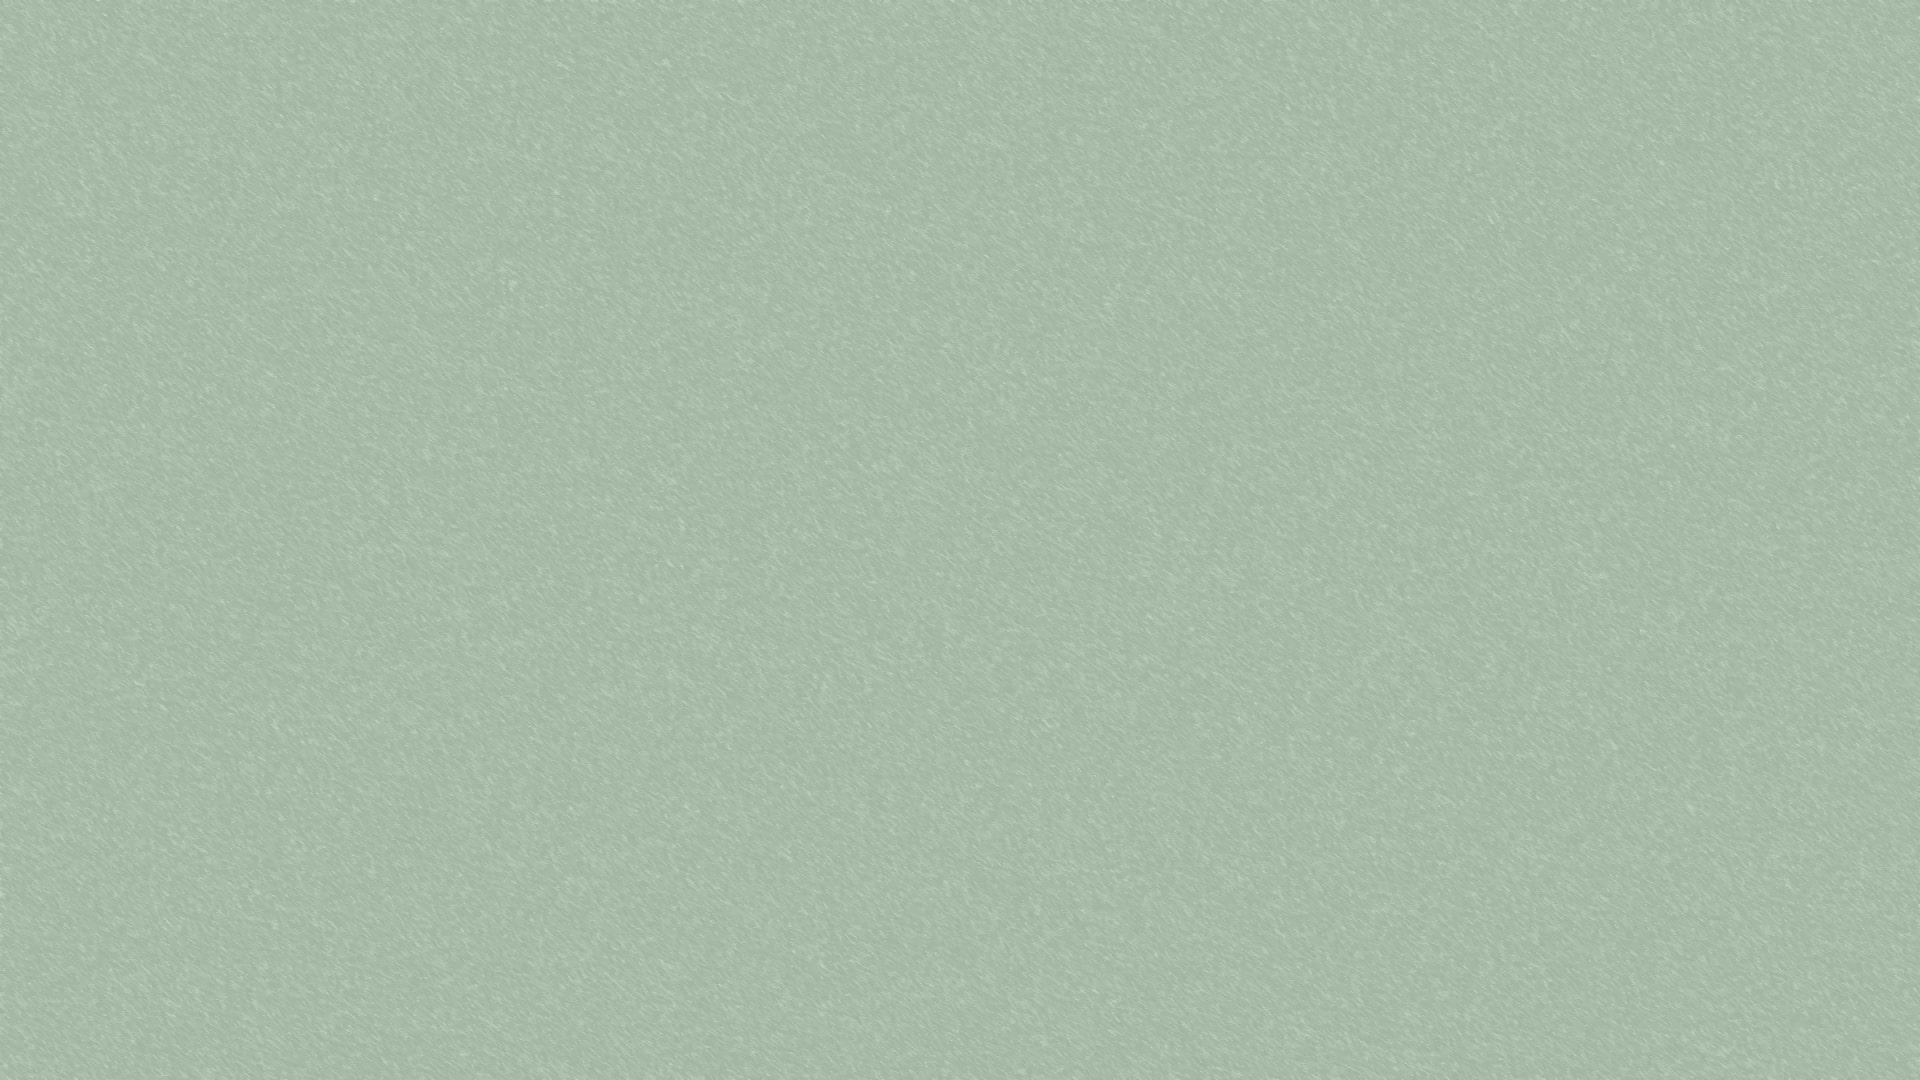 コンクリート風背景画像_green